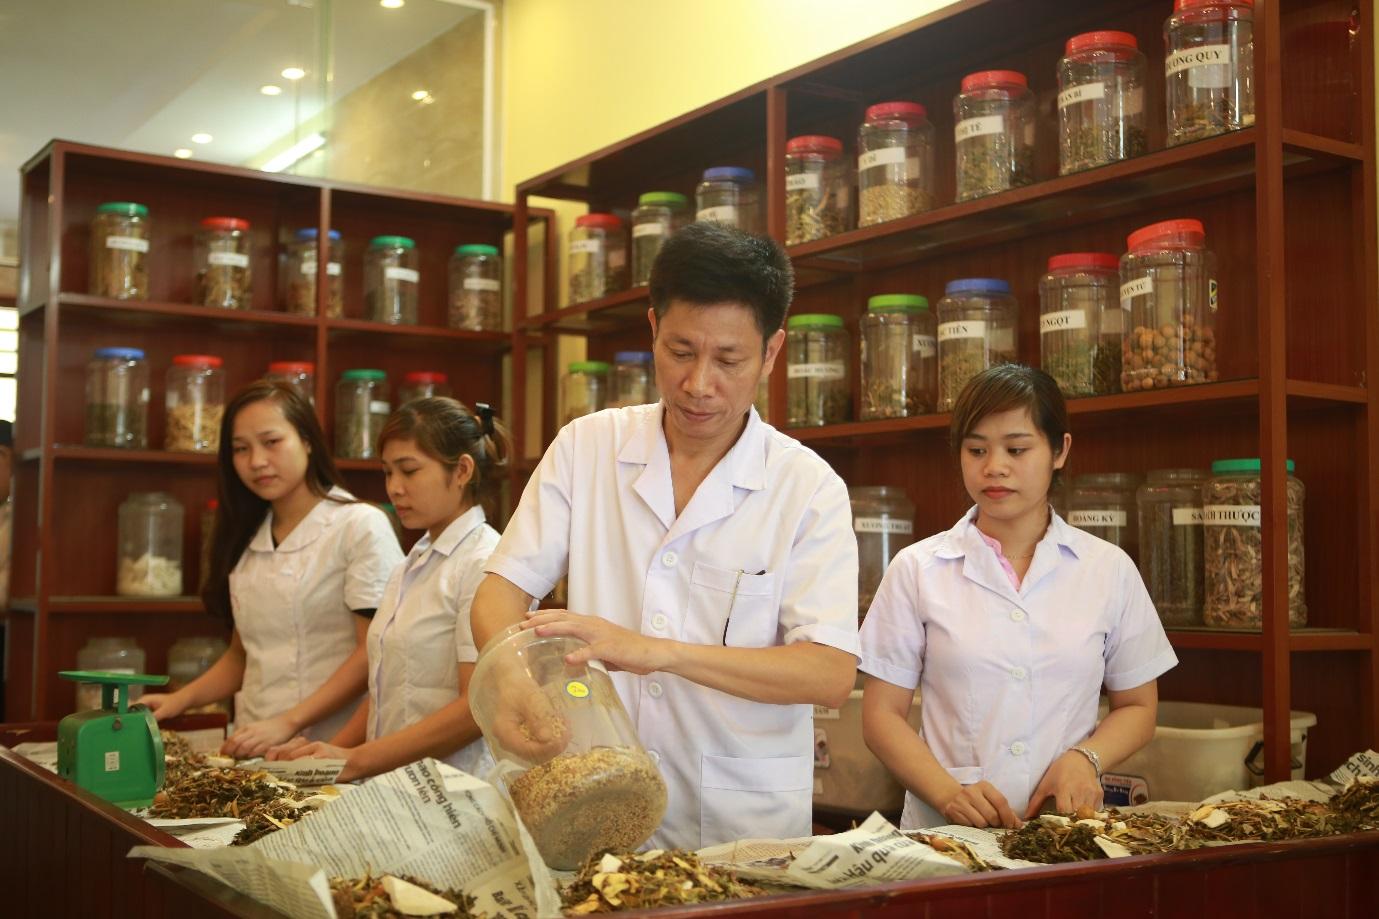 Phương pháp cấy chỉ chữa bệnh Việt Nam qua lăng kính người châu Âu